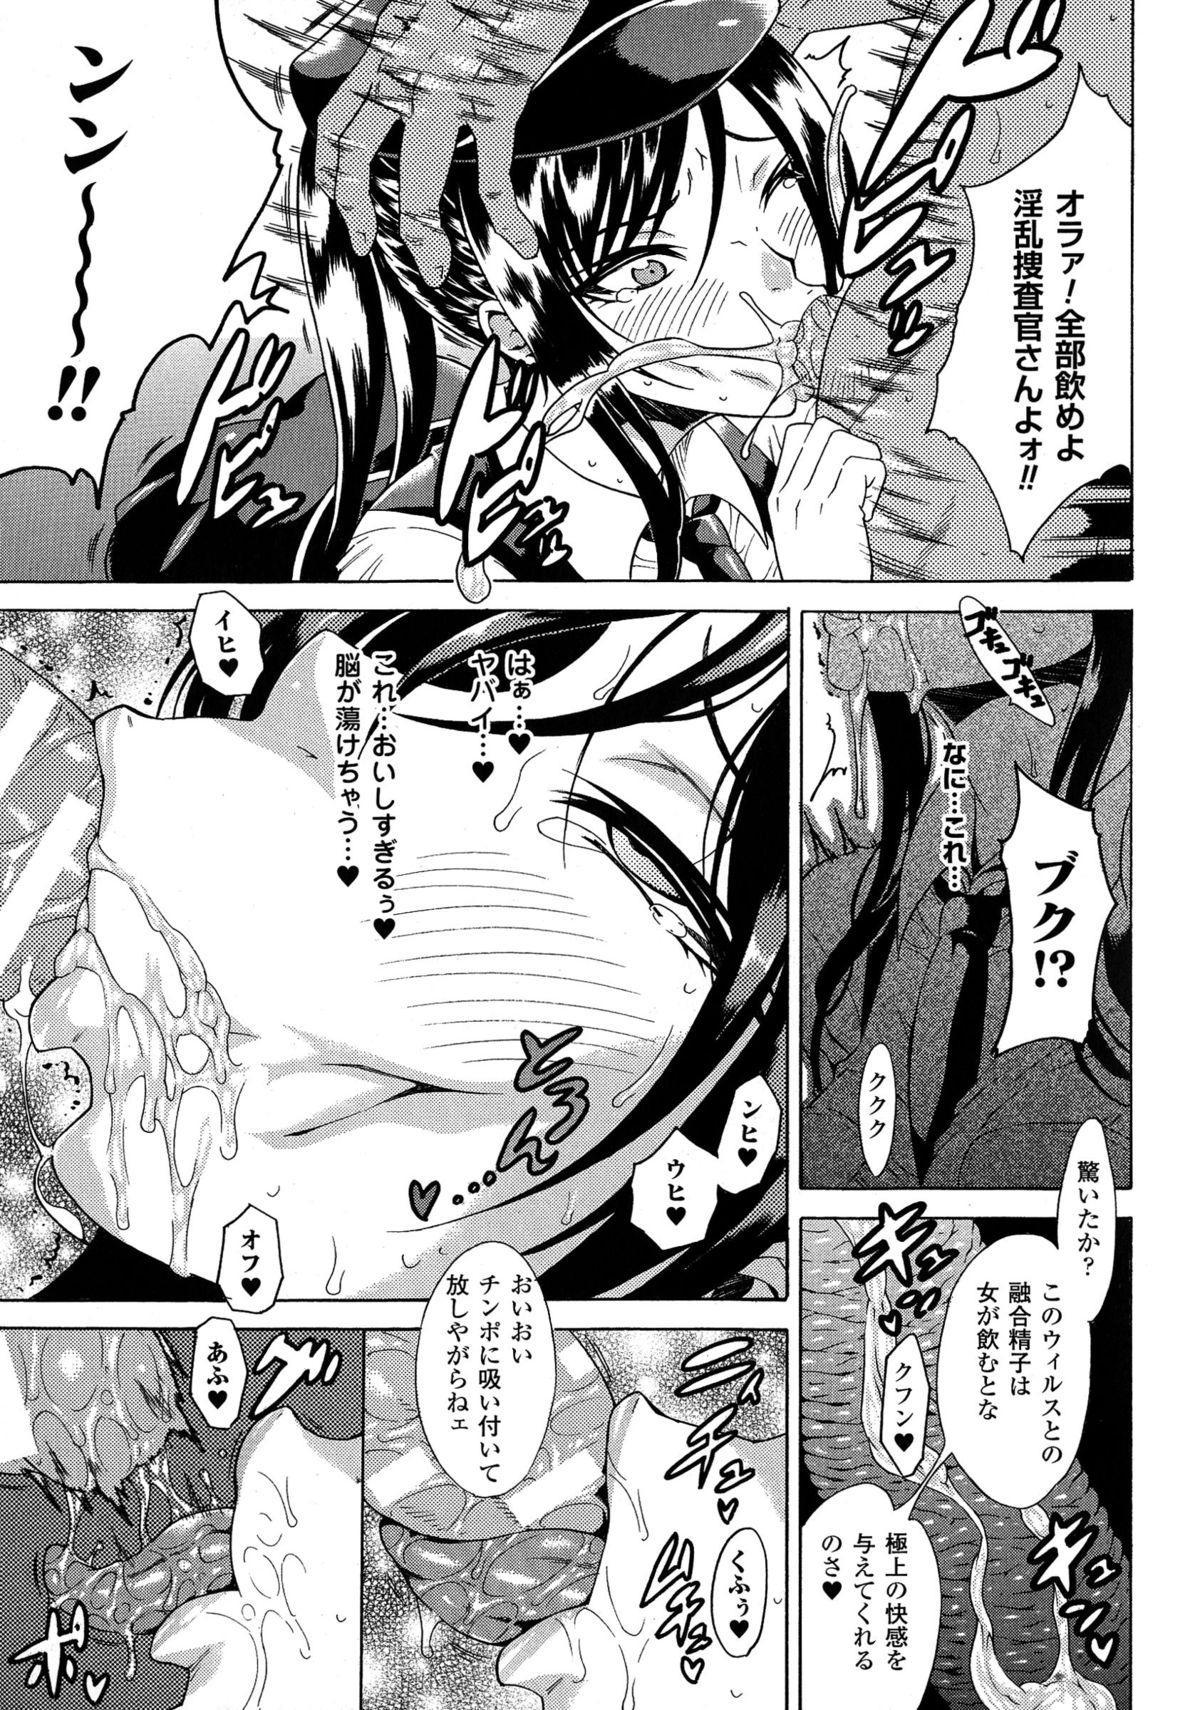 Kachiki na Onna ga Buzama na Ahegao o Sarasu made 32